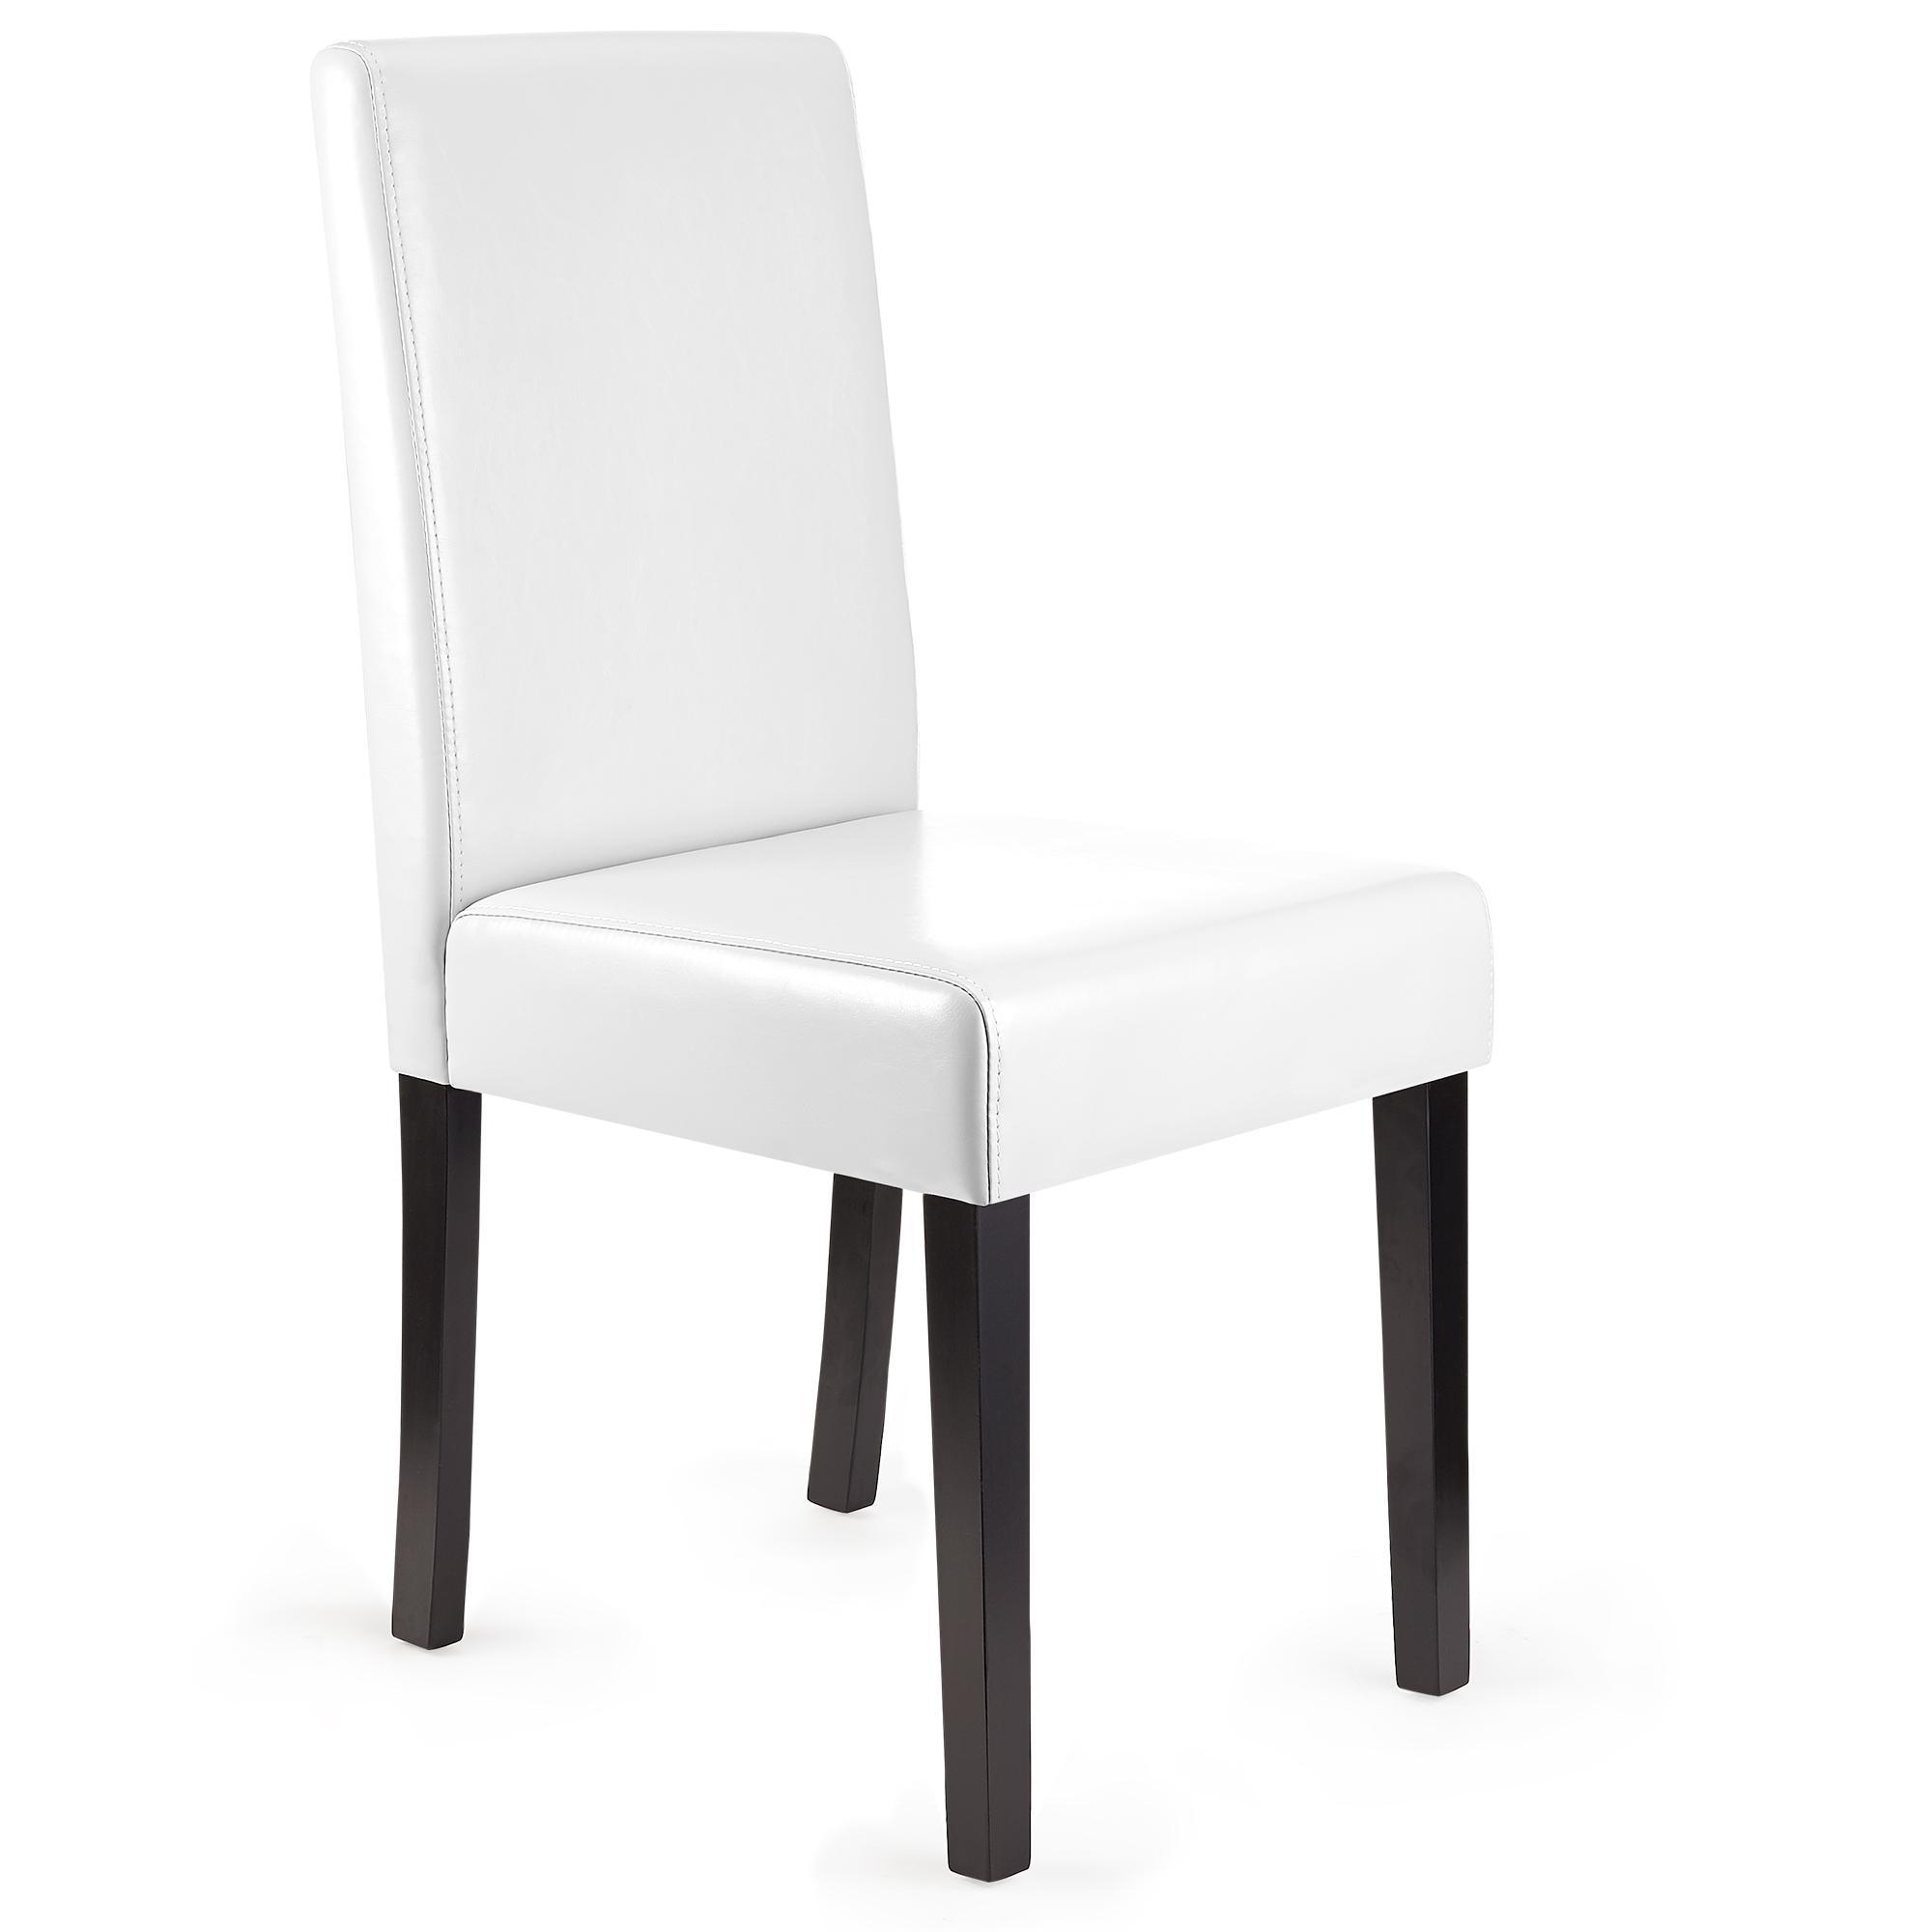 Sillas comedor blancas fabulous mesa de comedor blanca for Sillas blancas salon